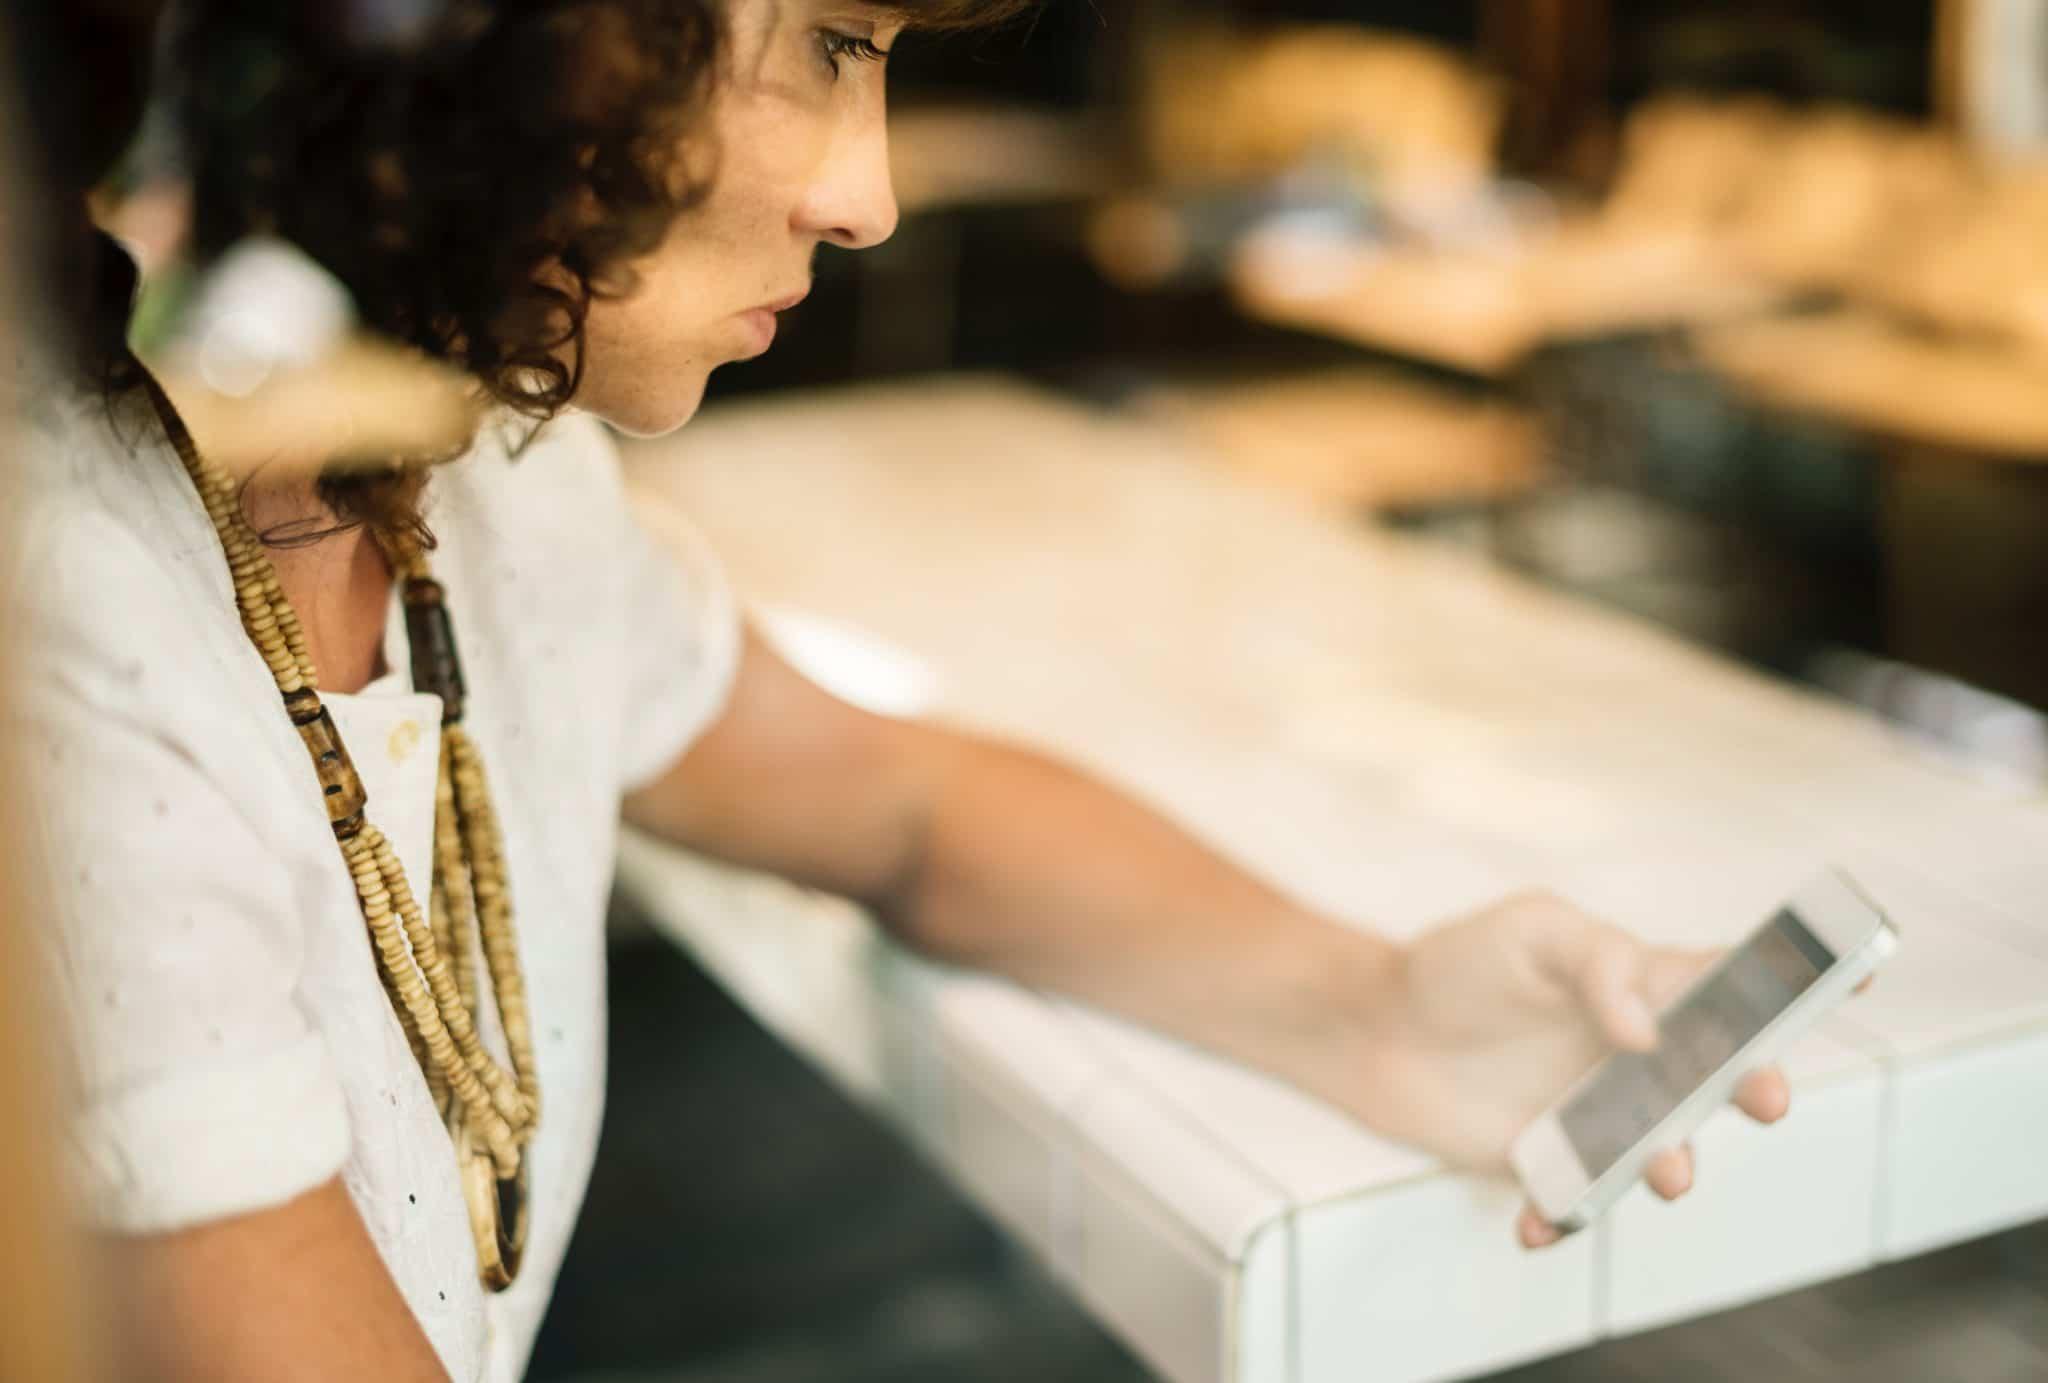 Kunde som gjennomfører e-commerceundersøkelser